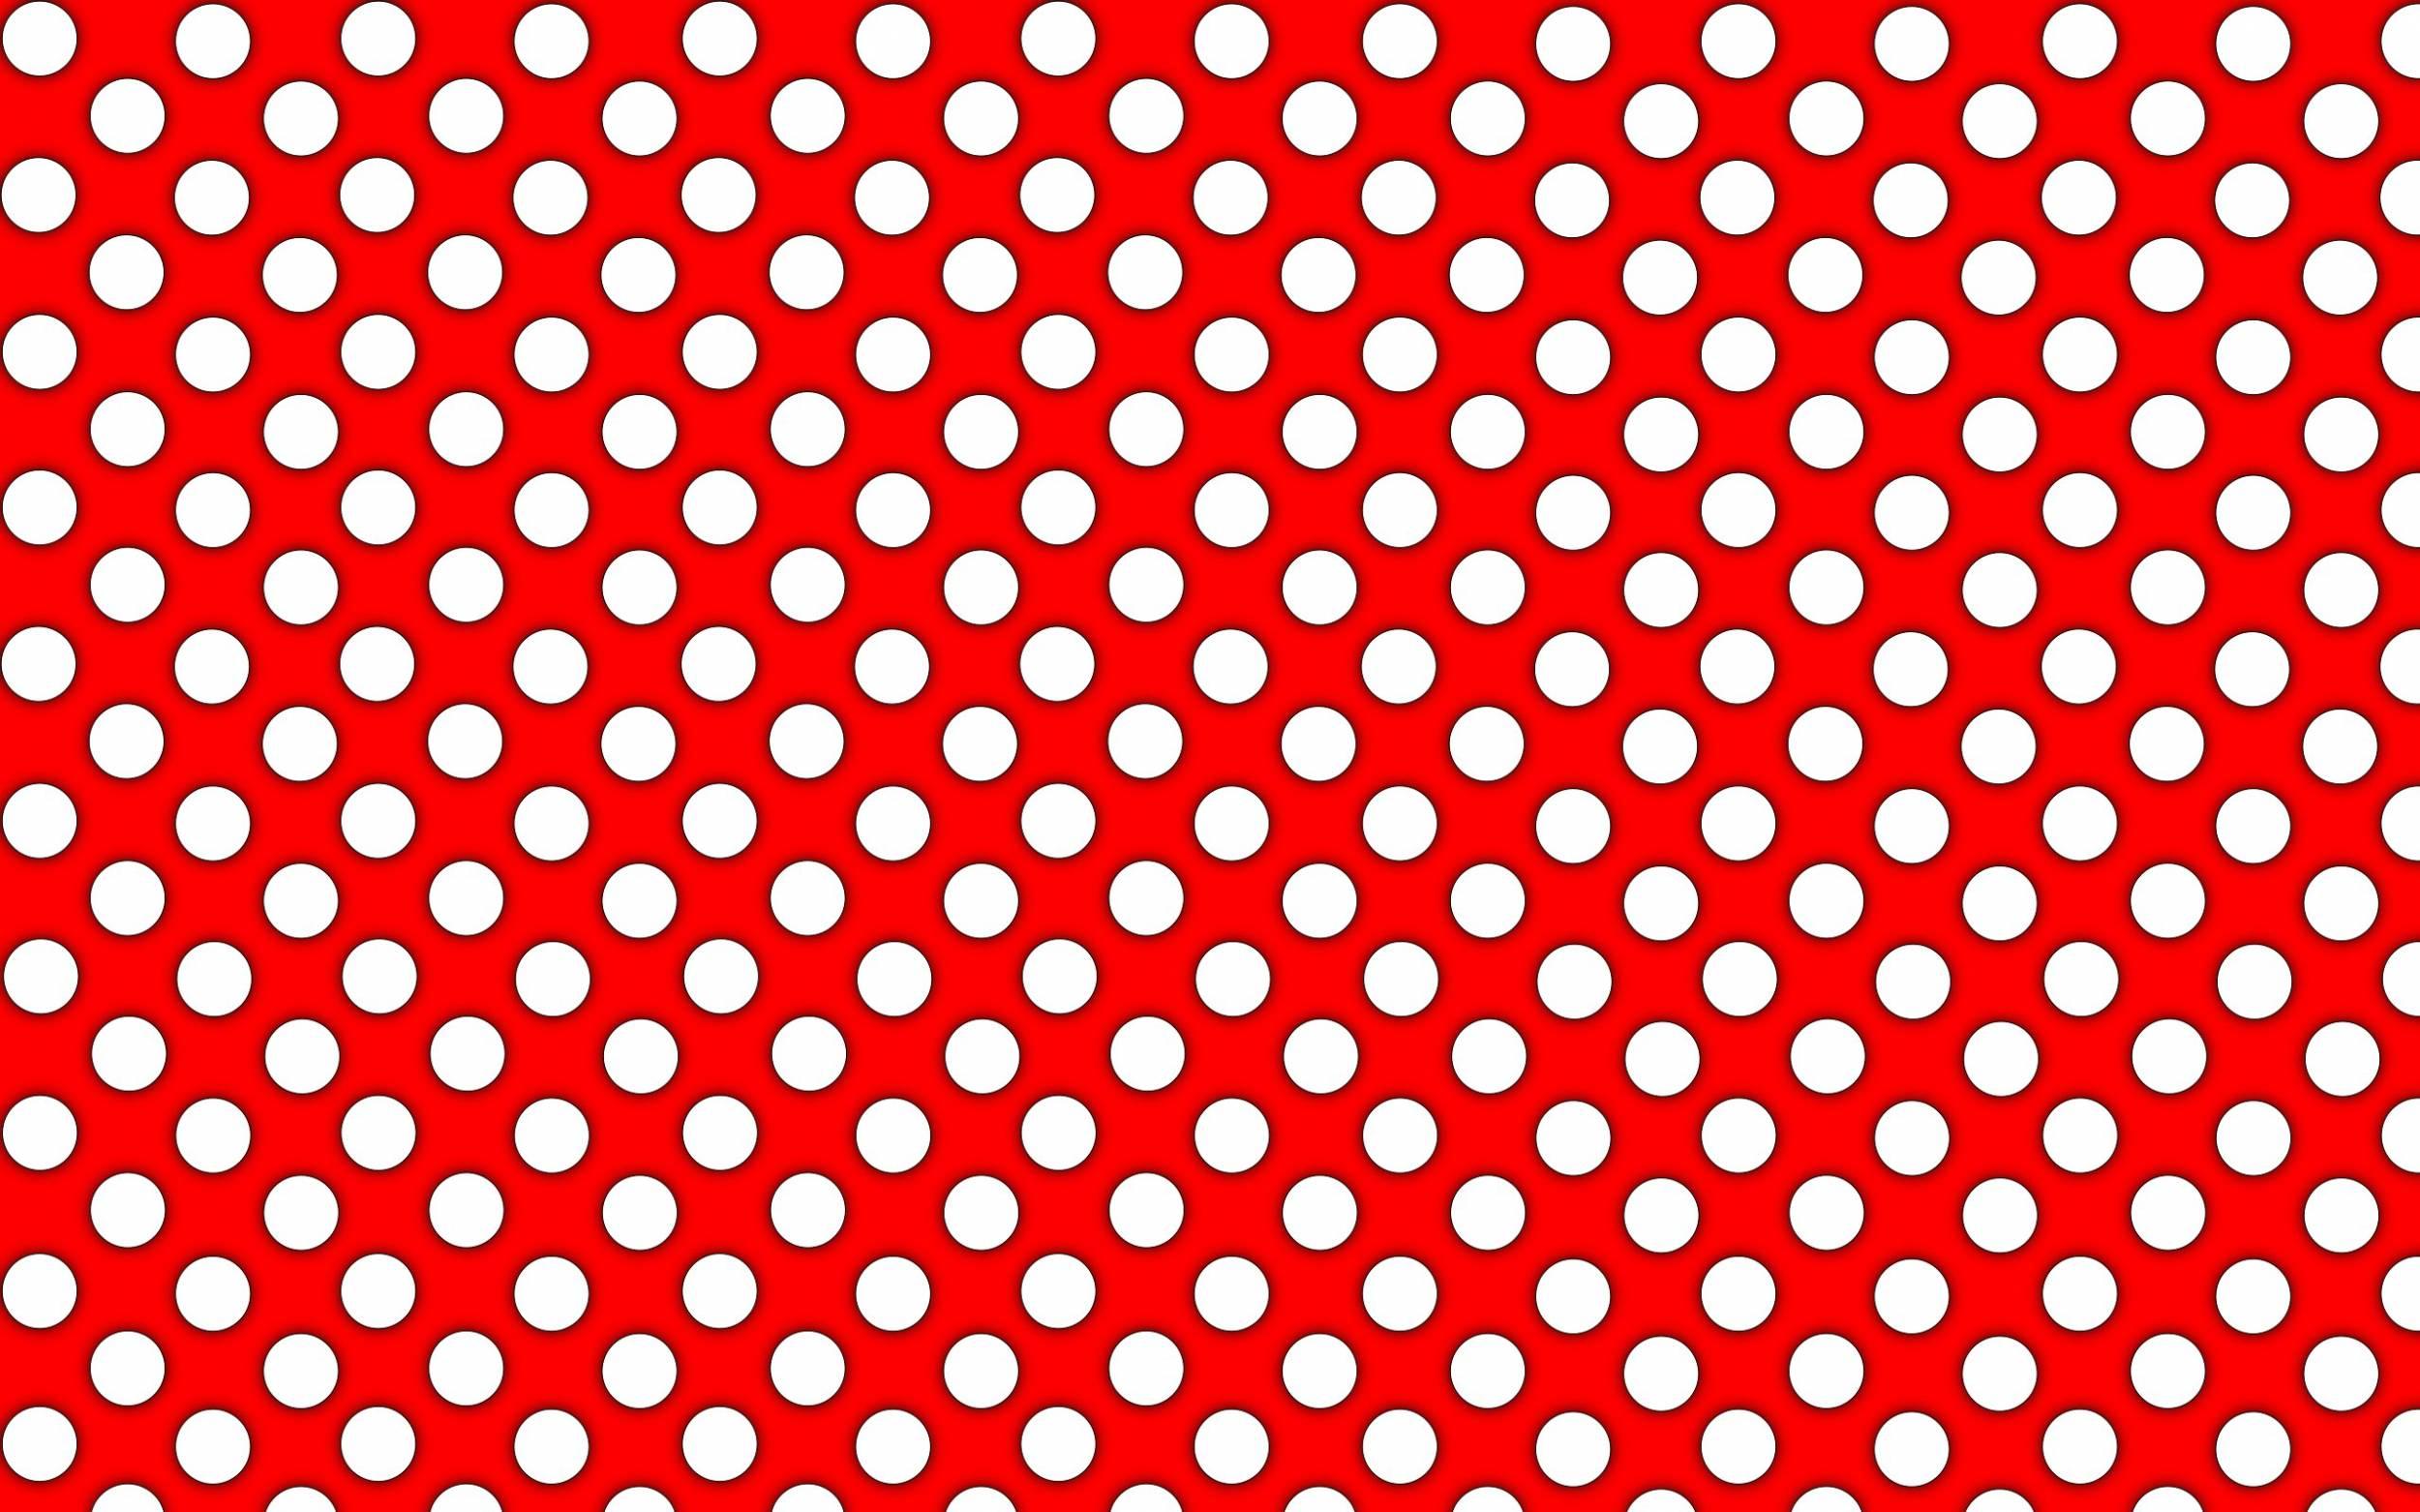 Polka Dot Wallpapers - Wallpaper Cave